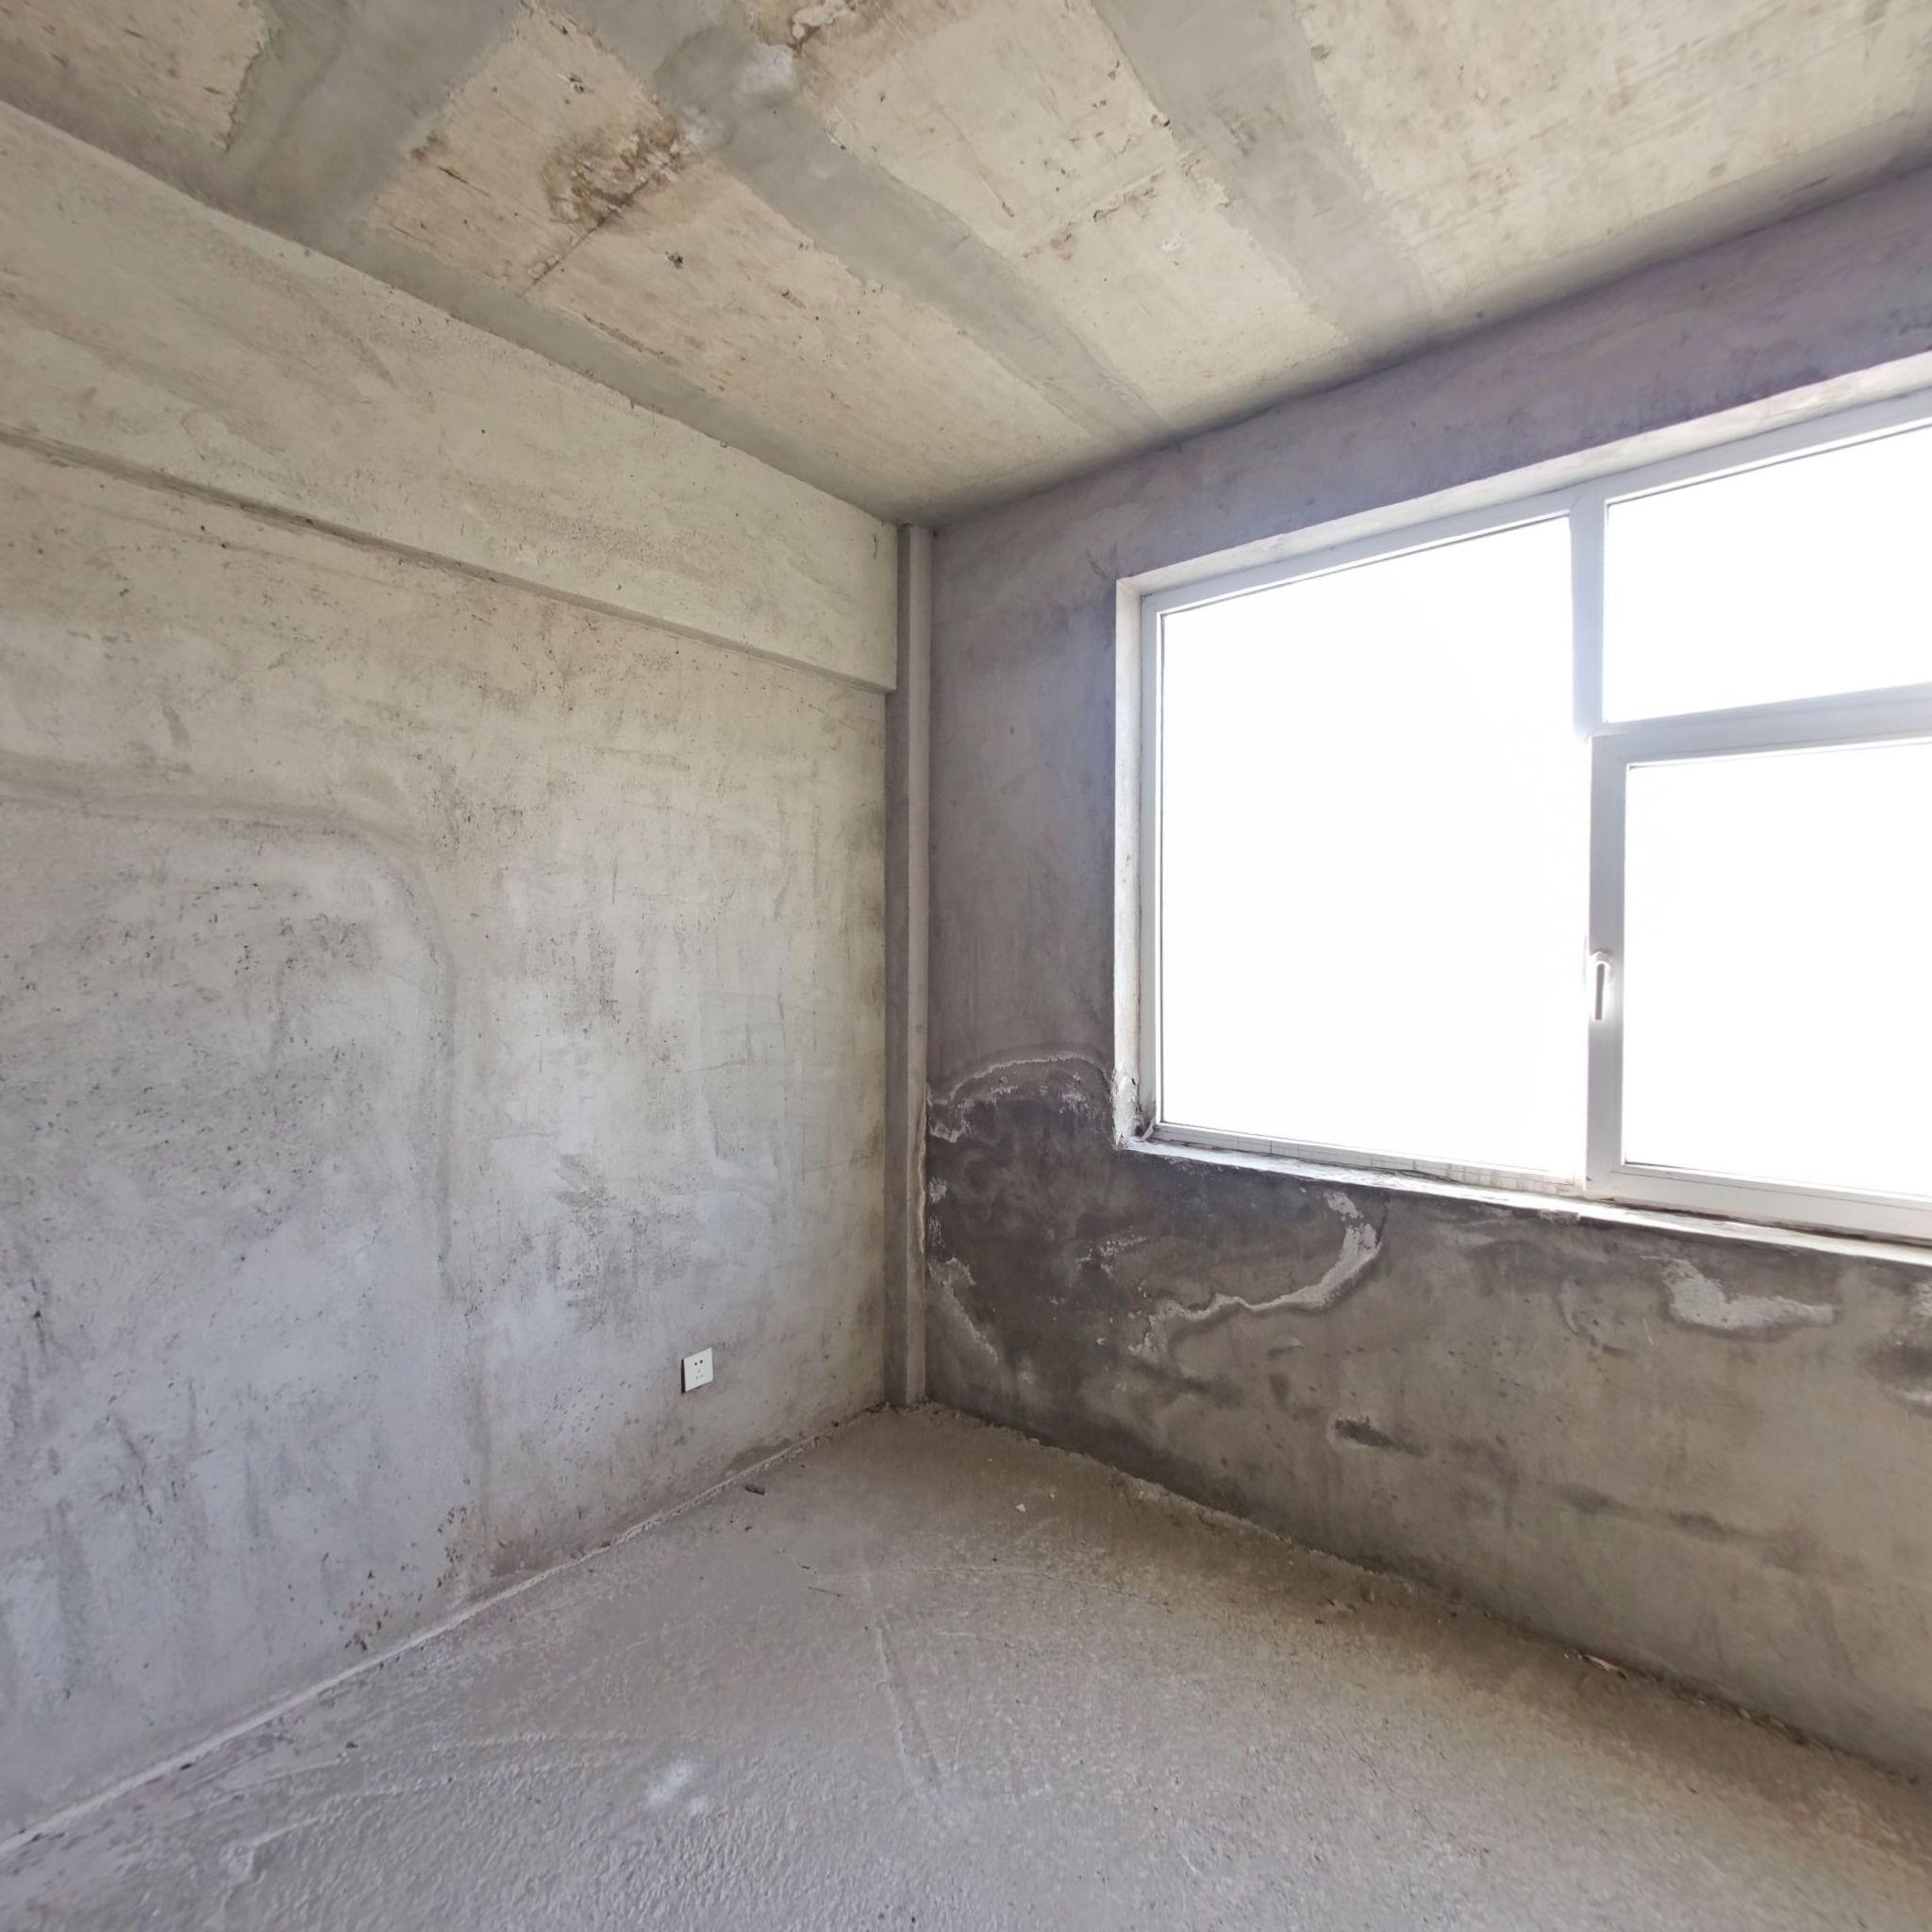 喀喇沁左翼,城南,一品城,一品城,5室2厅,194.41㎡